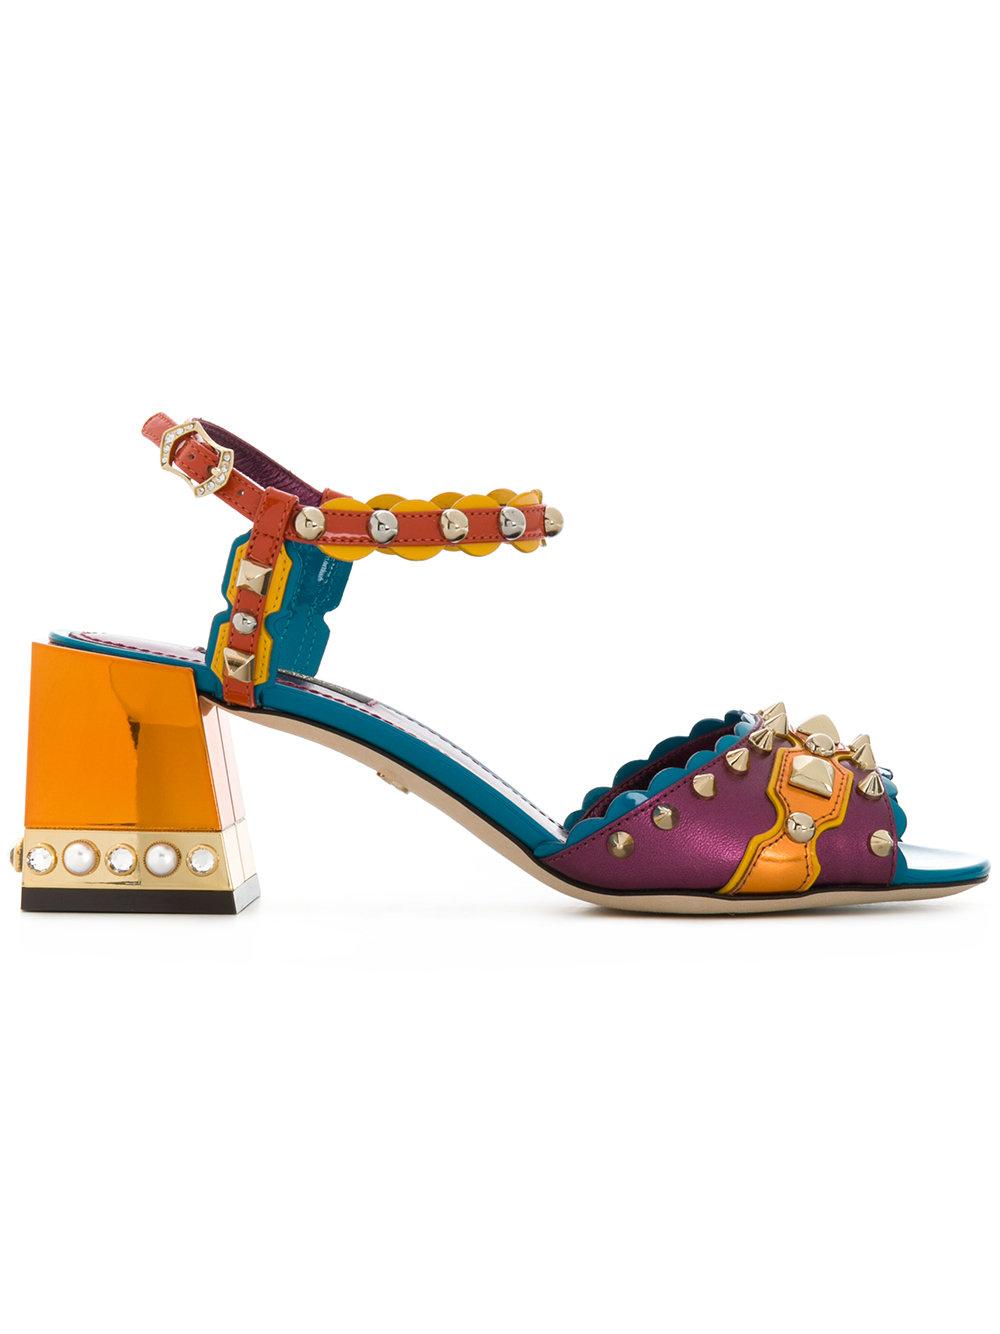 Sandali bassi decorati Dolce & Gabbana